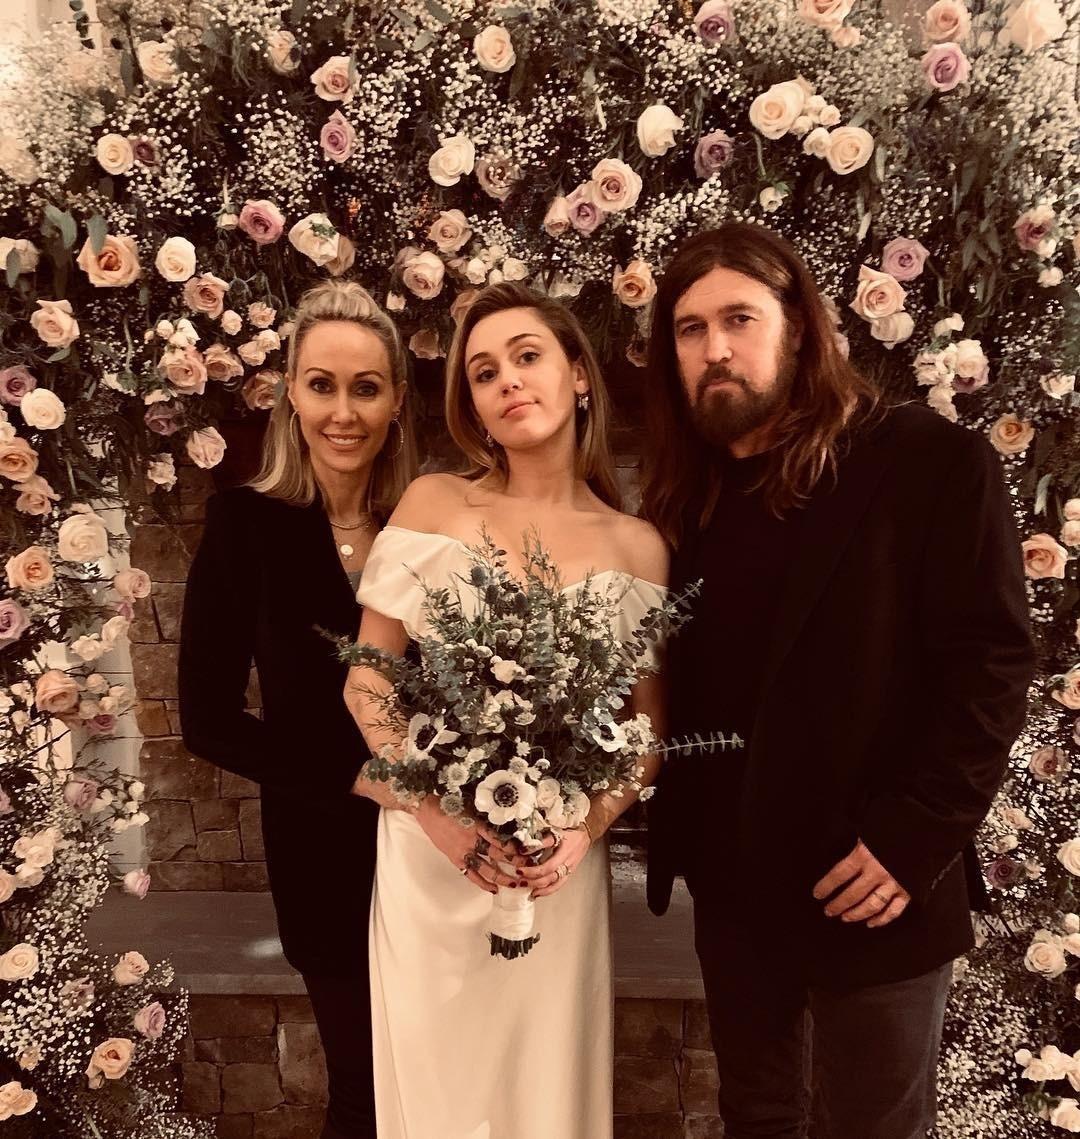 Майли Сайрус впервые показала фотографии со свадьбы